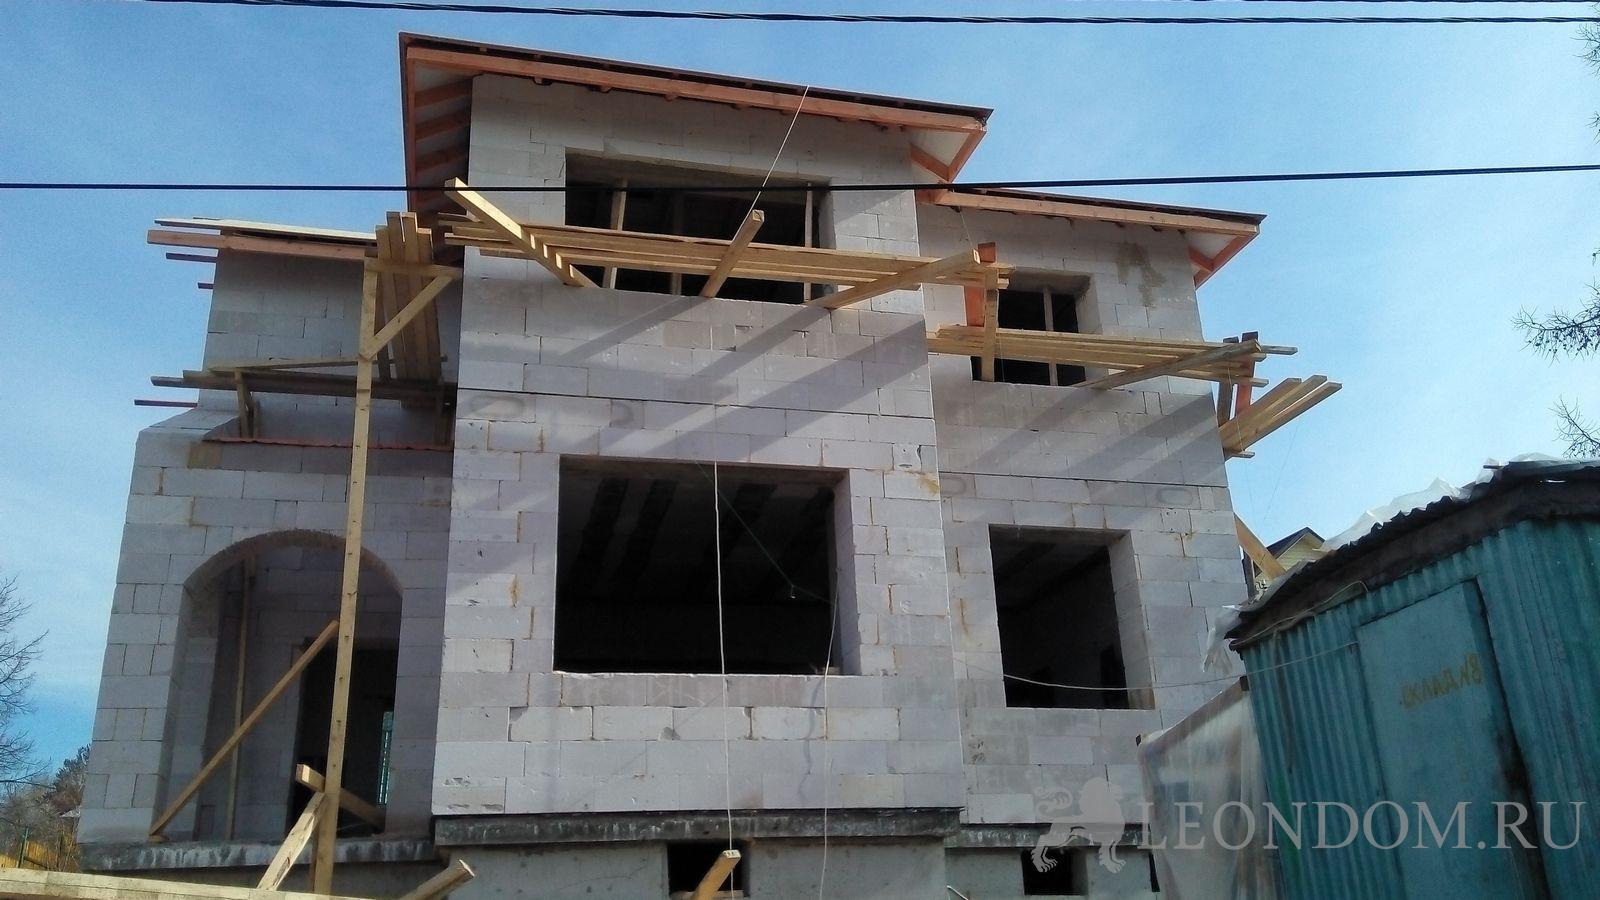 Стройка дома своими руками без опыта строительства из газобетона 60